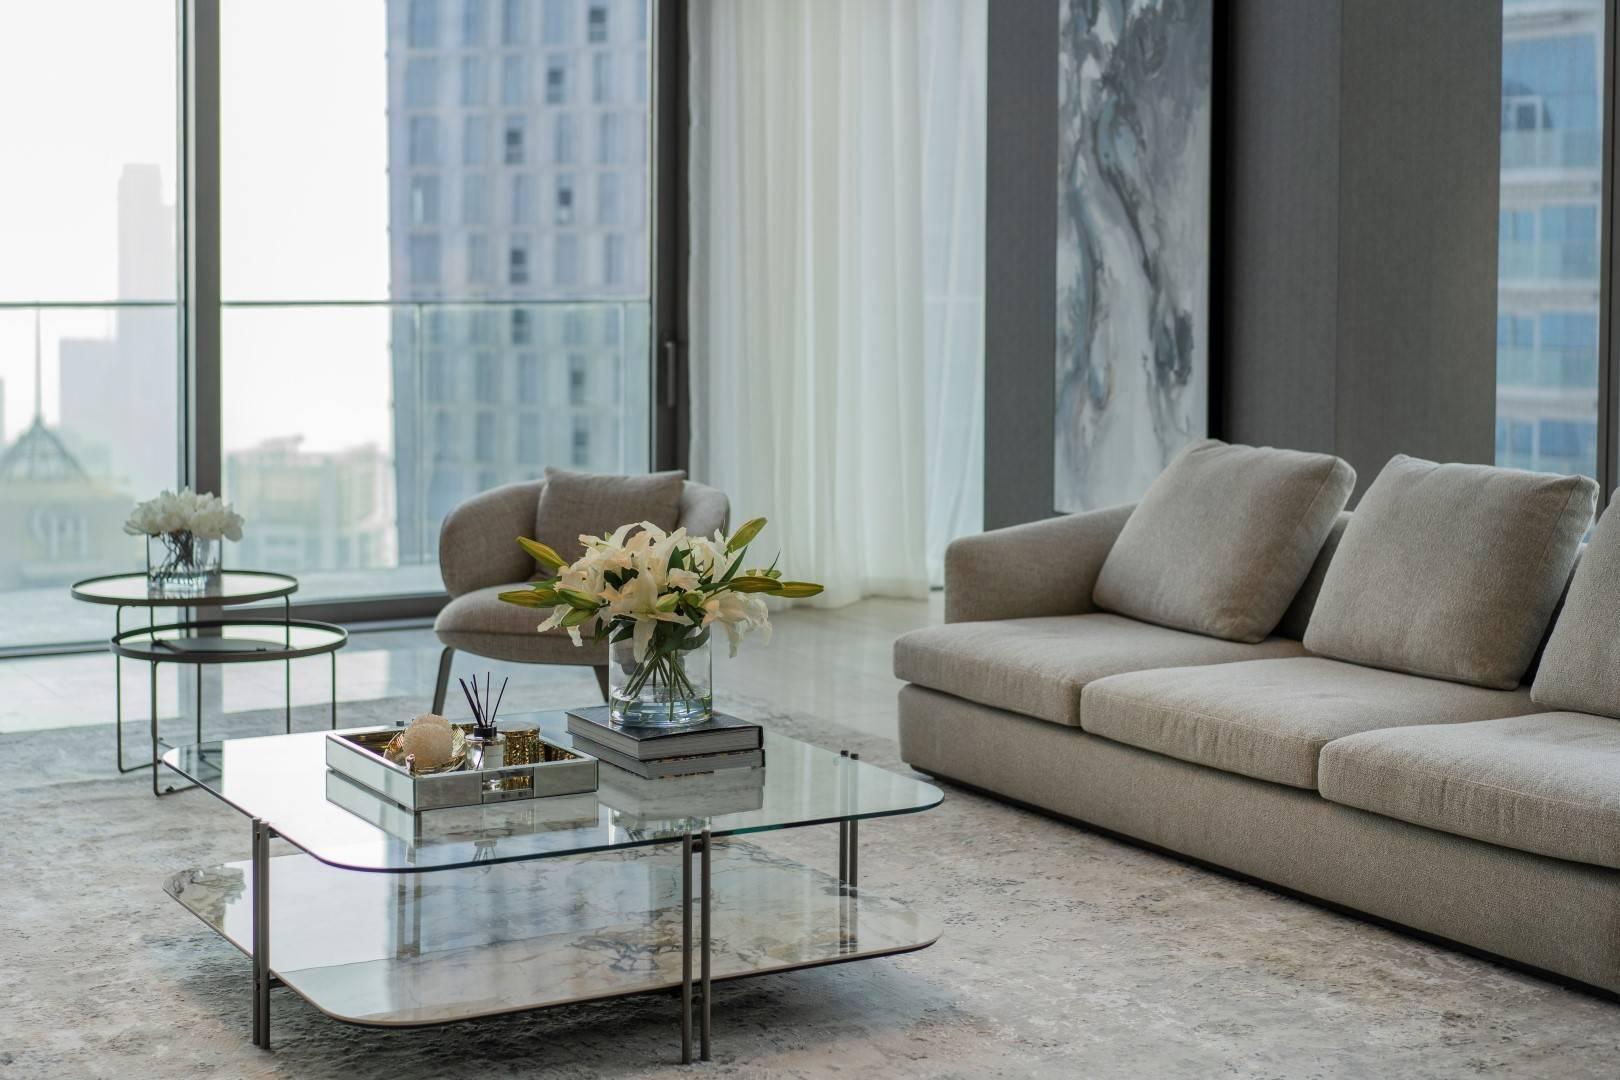 Квартира купить в оаэ инвестиции в недвижимость дубая отзывы